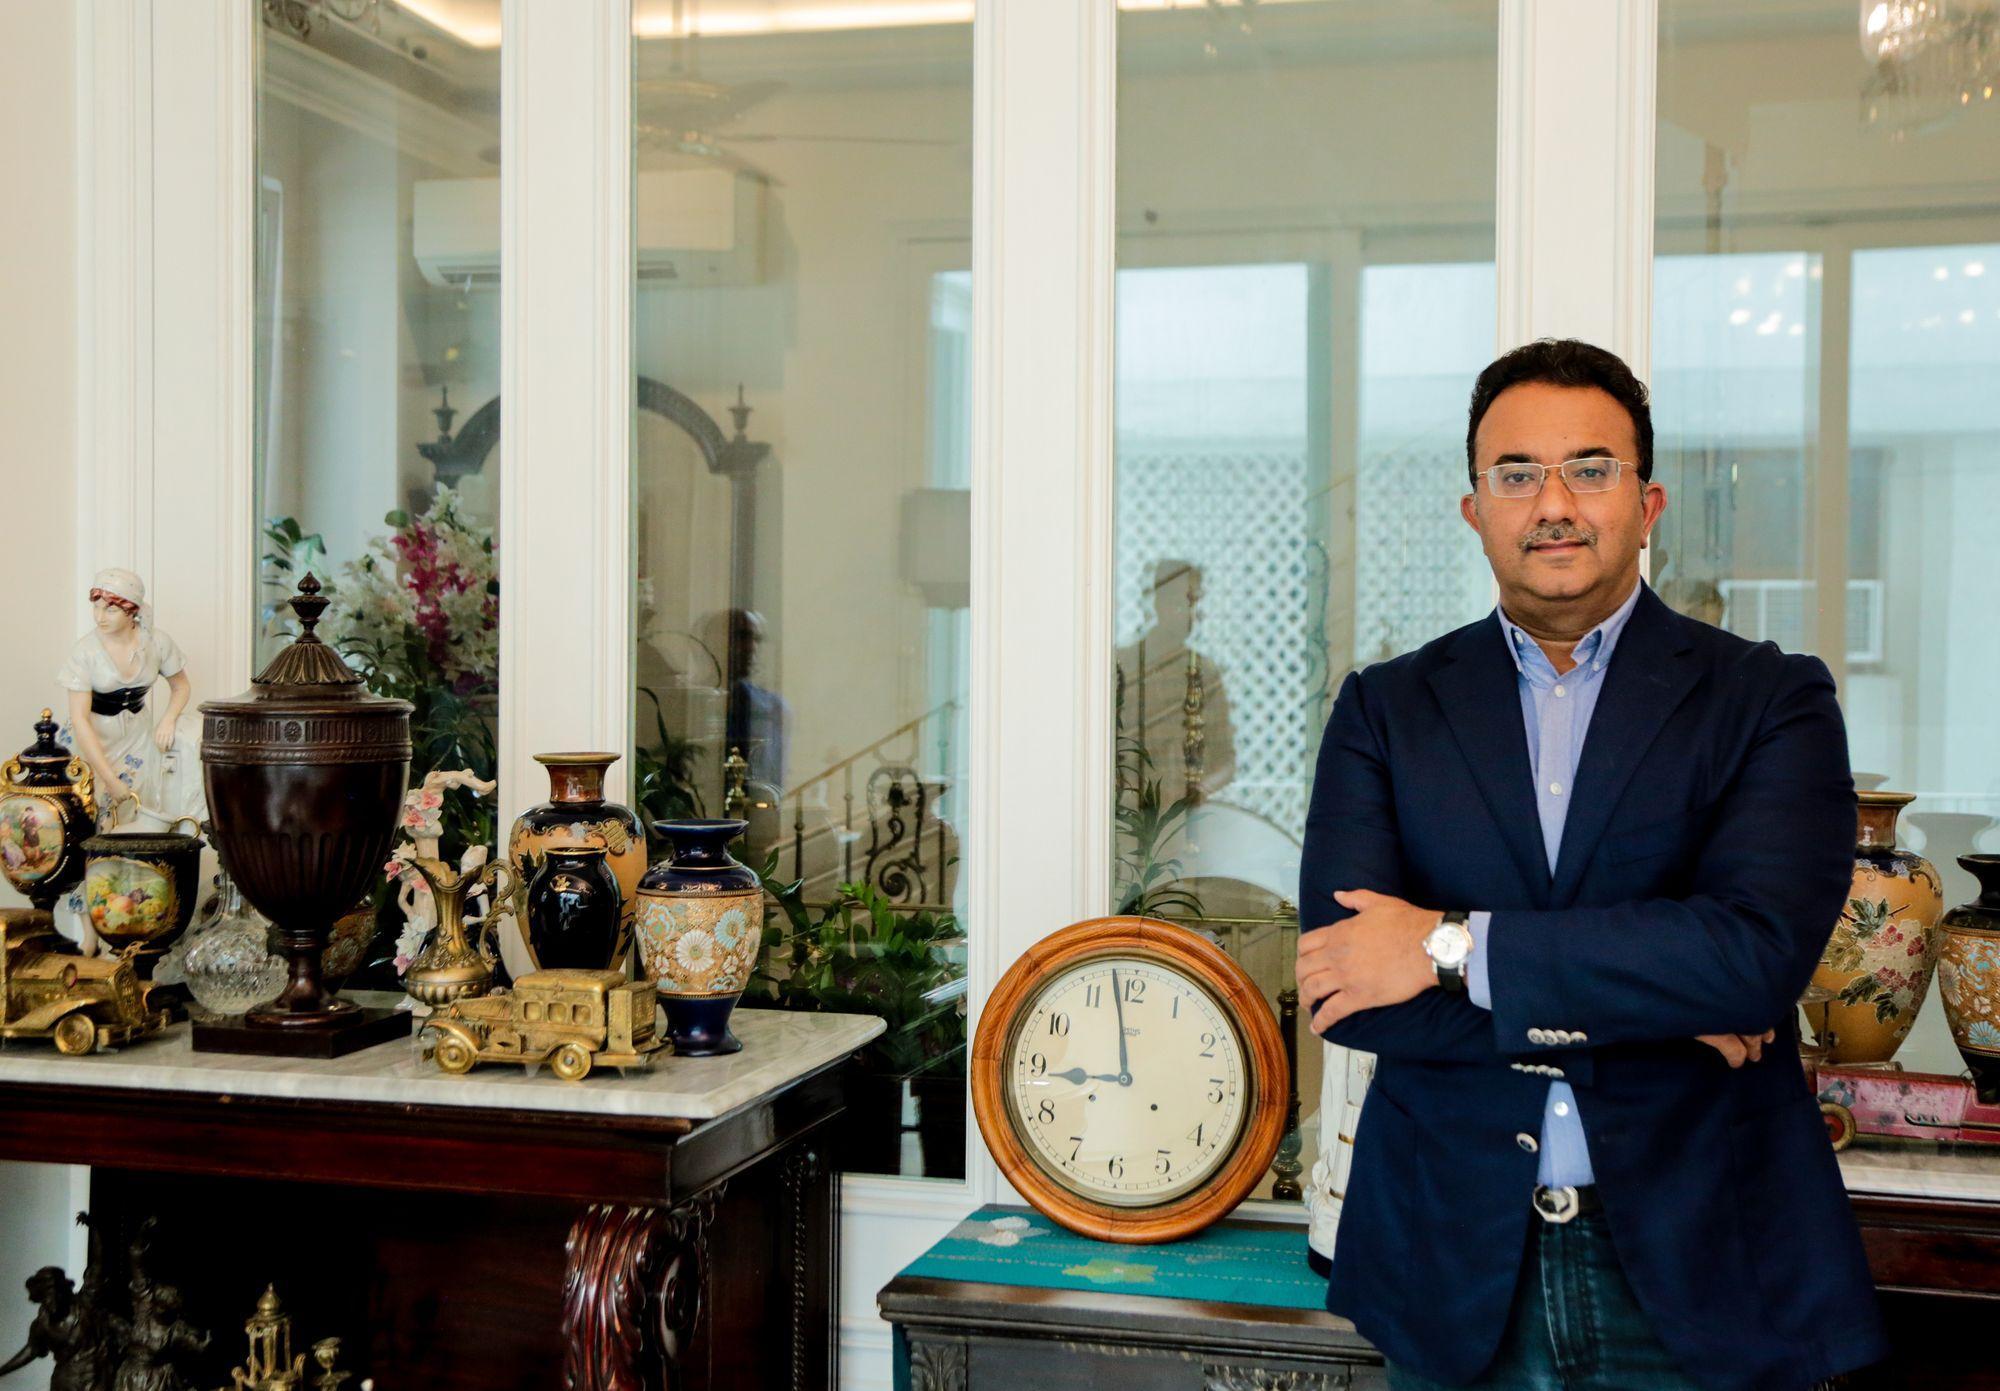 DILJEET TITUS 12 - Talking watches with Diljeet Titus